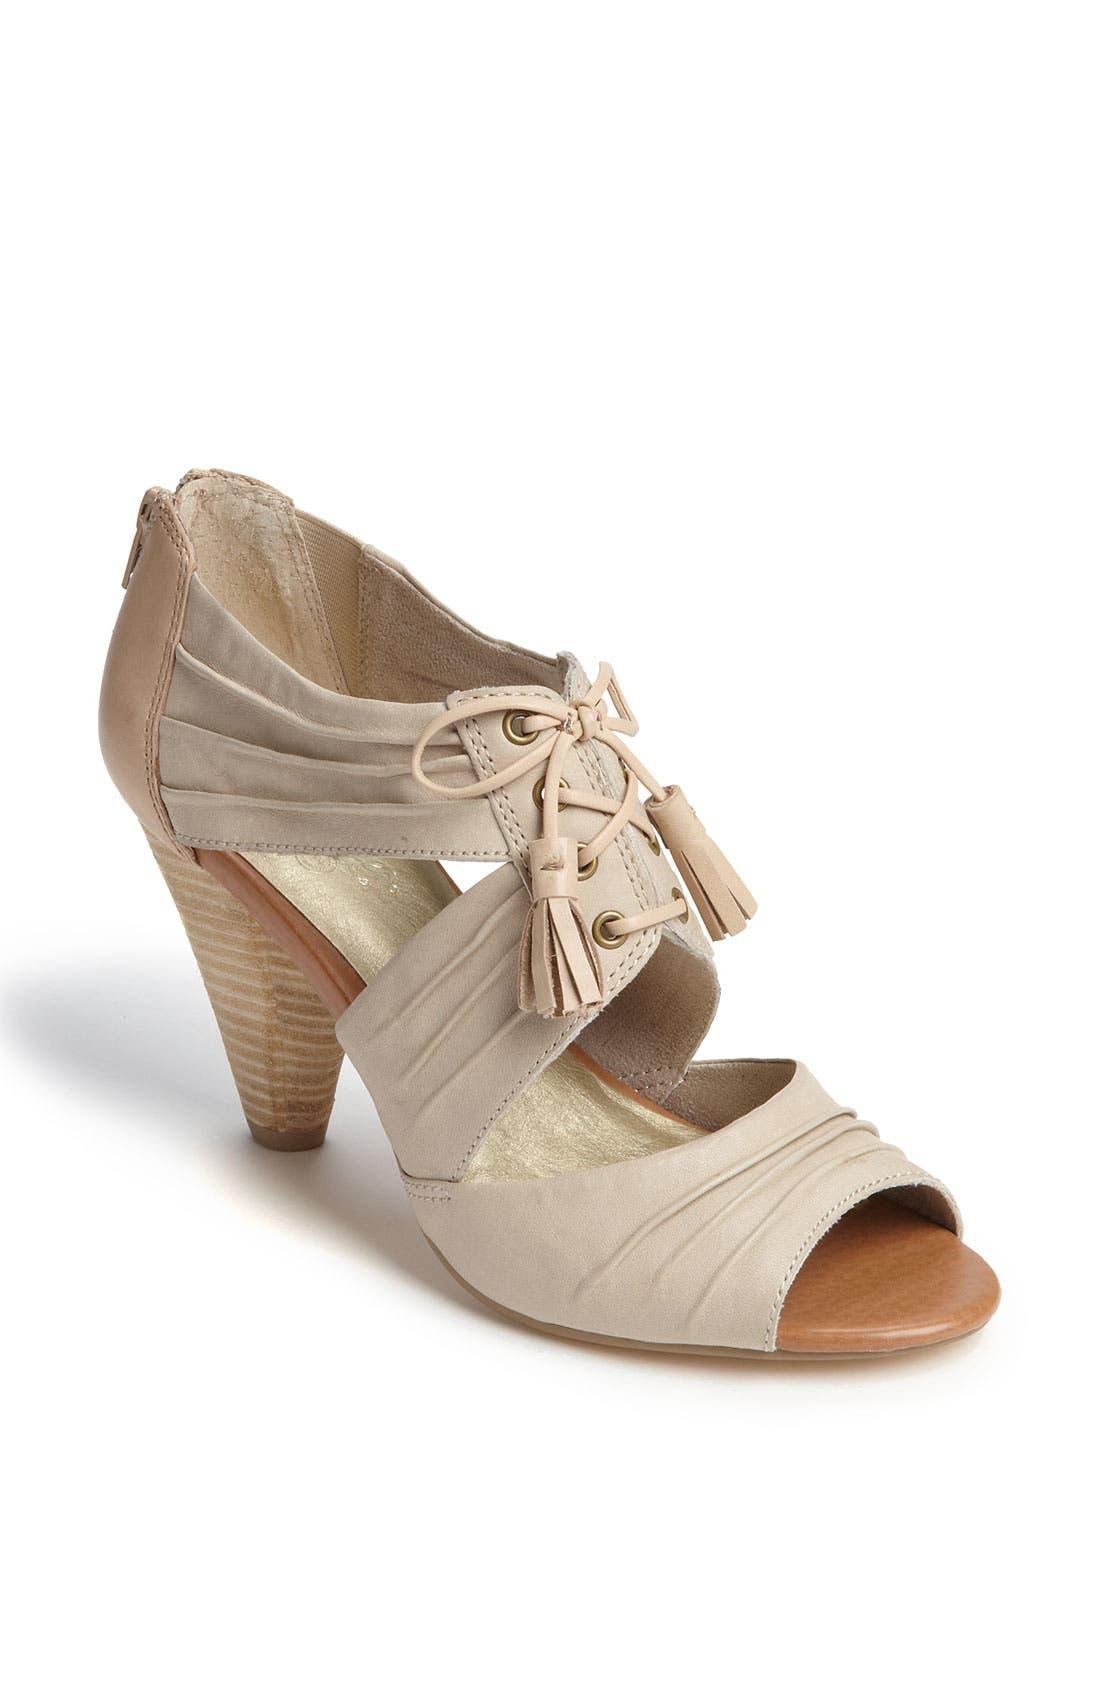 Main Image - Seychelles 'Solo' Sandal